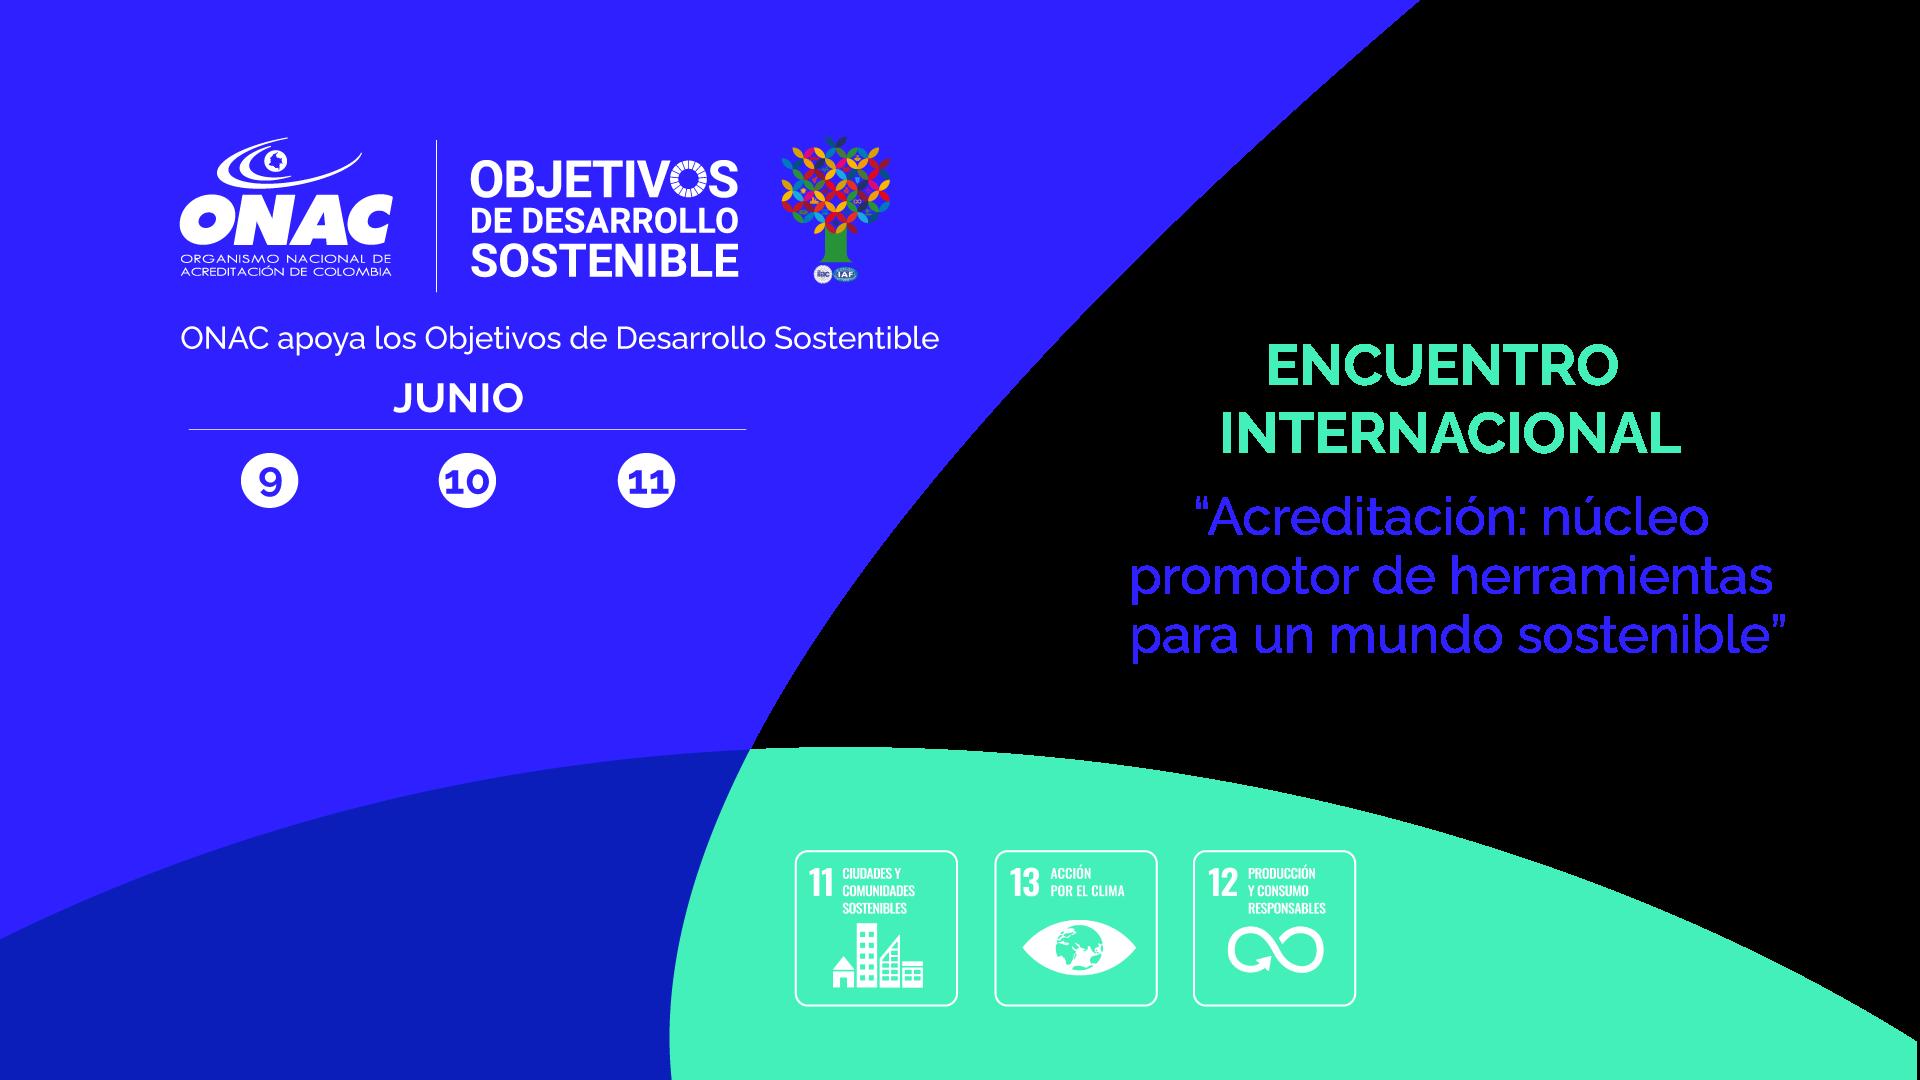 Acreditación: núcleo promotor de herramientas para un mundo sostenible